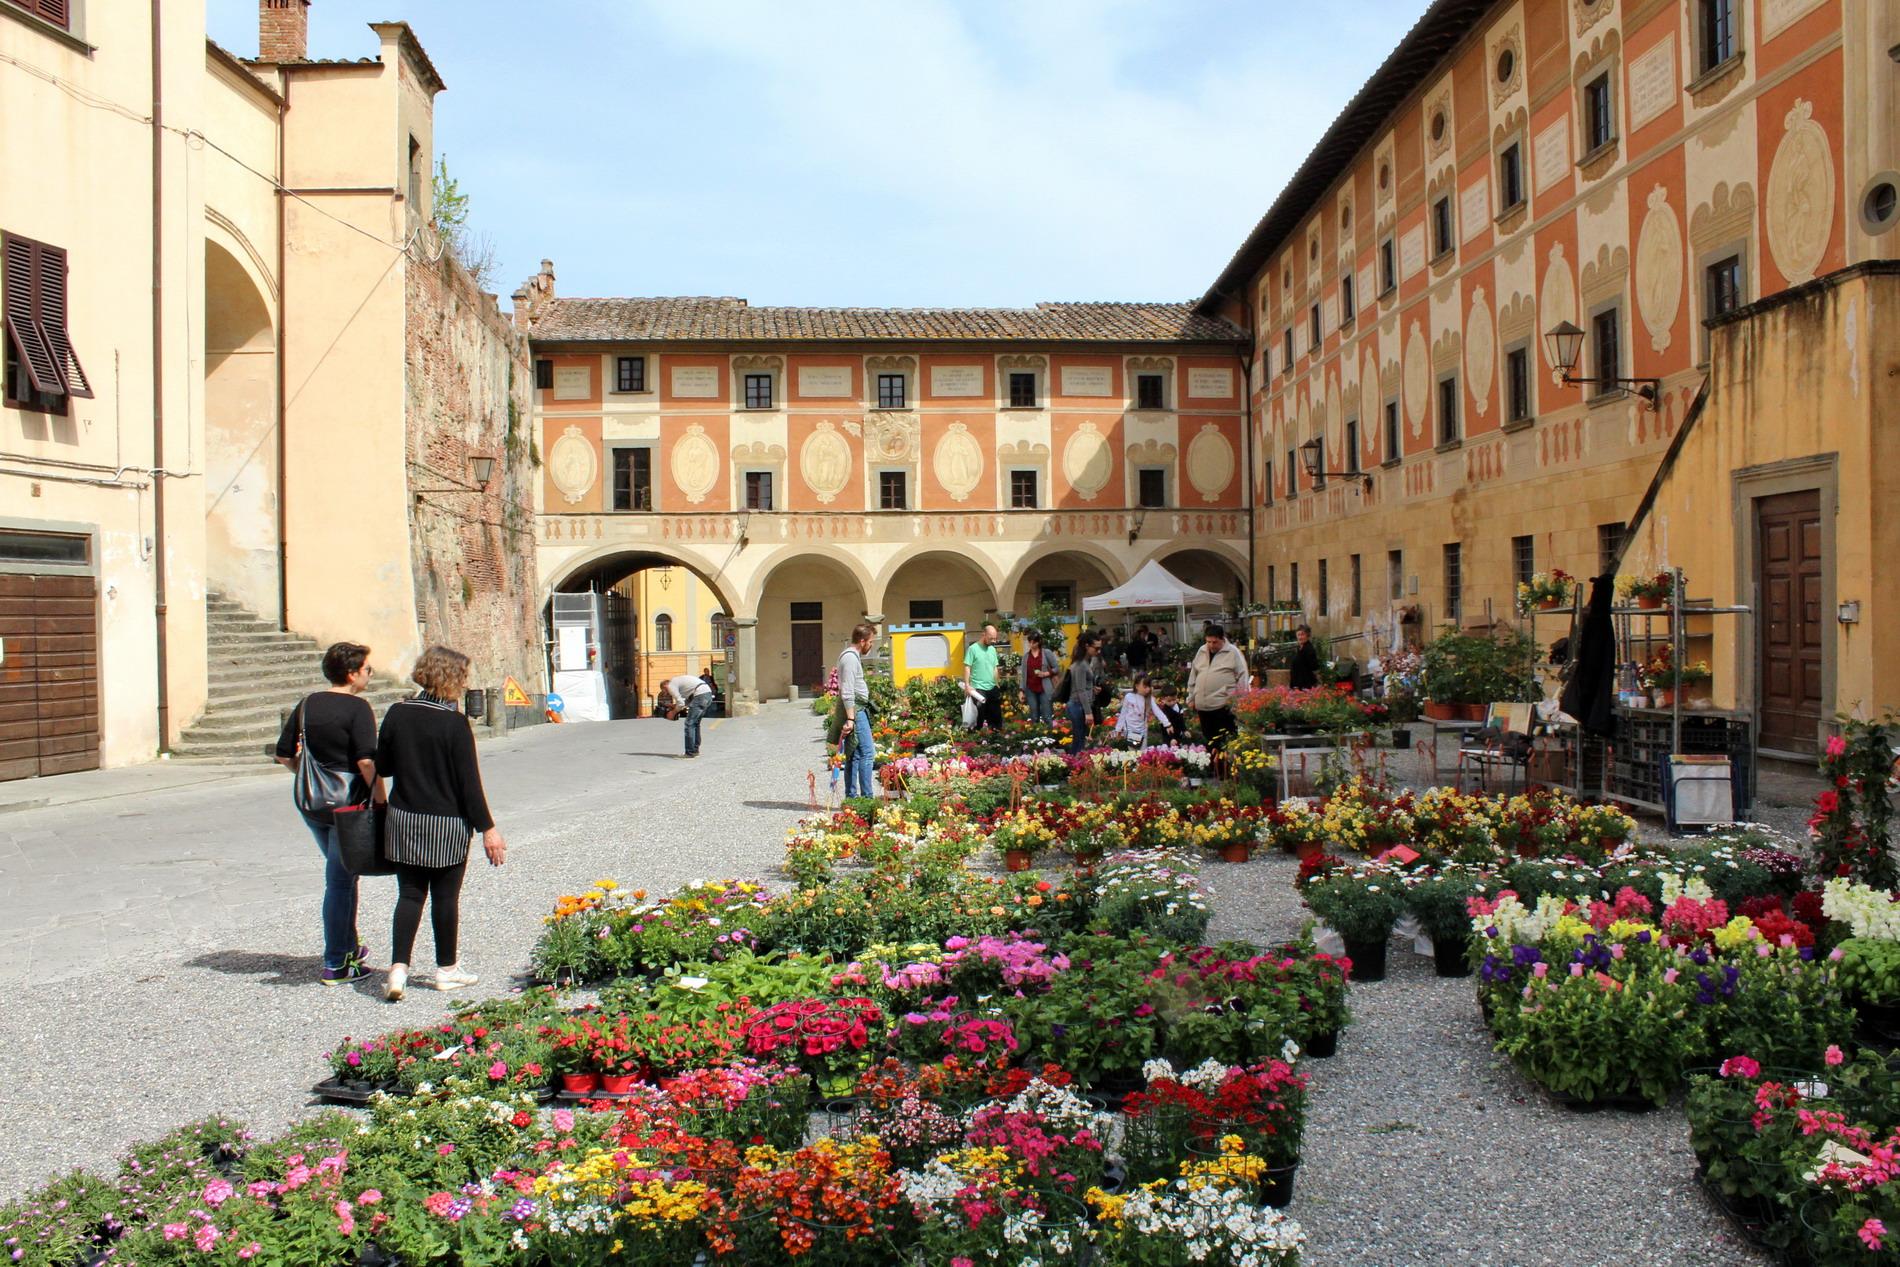 52° Festa degli aquiloni e 22° Mostra mercato dei Fiori   San Miniato